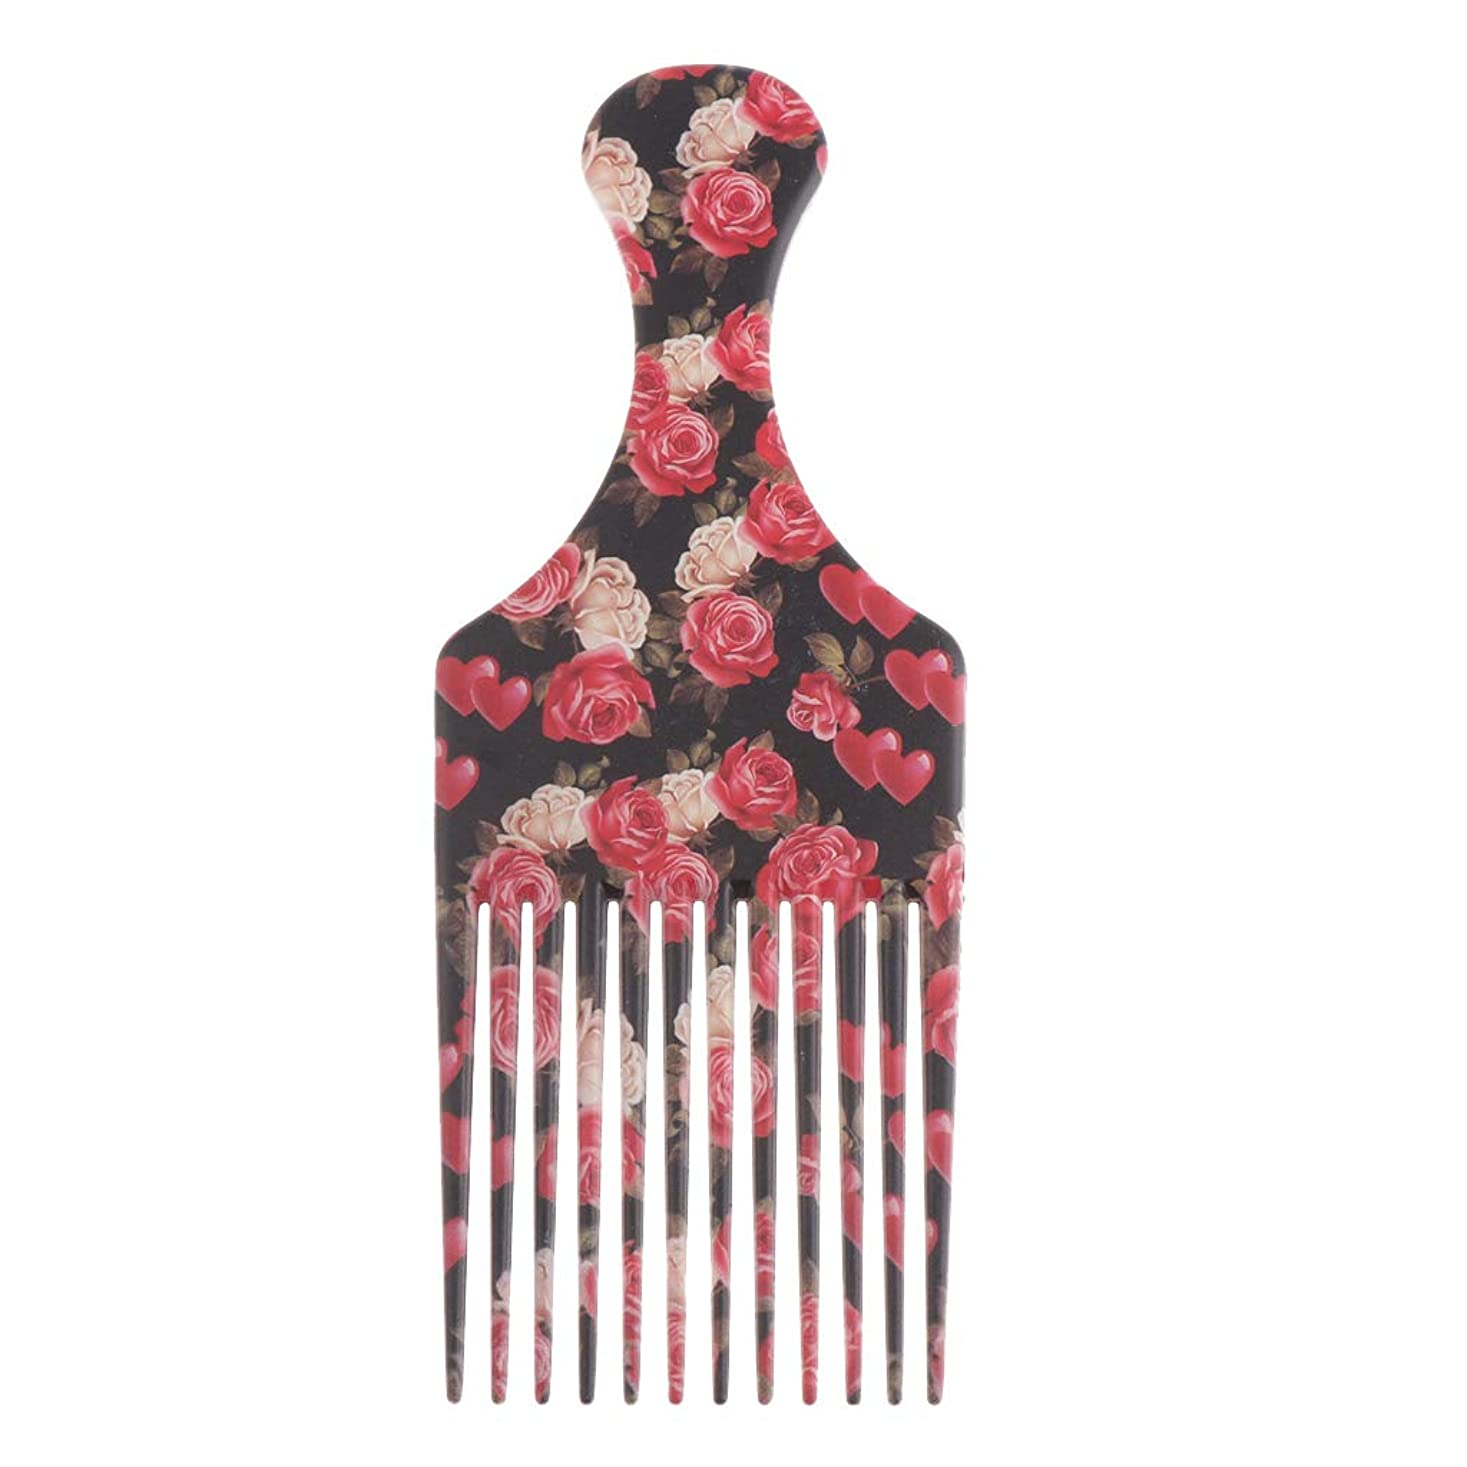 バタフライ野心宣言するPerfeclan ヘアダイブラシ 毛染めコーム 髪染め用ヘアコーム サロン 美髪師用 DIY髪染め用 全3サイズ - 大